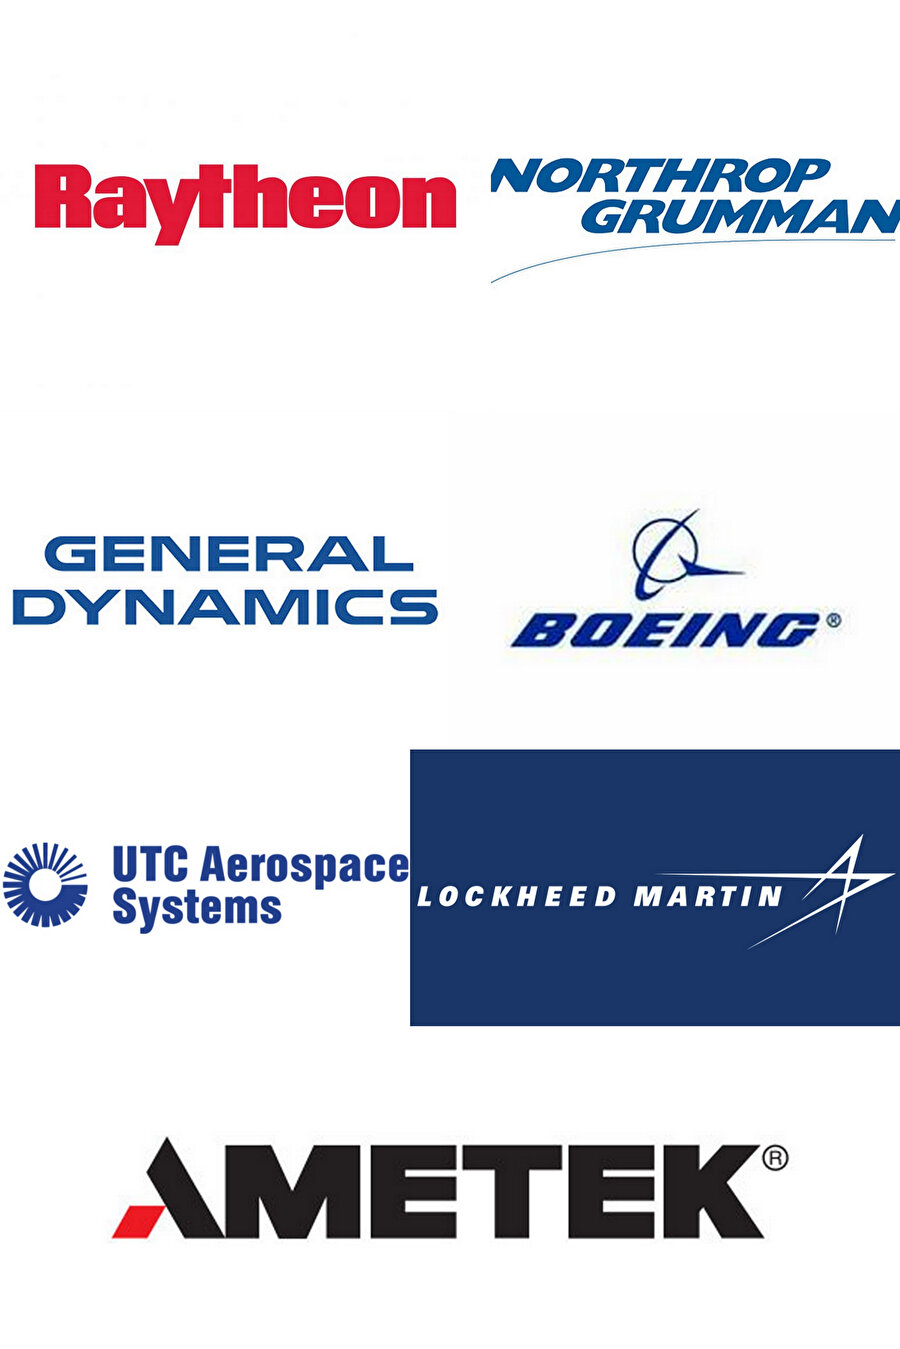 Fotoğraf 3: İsrail'e silah temini noktasında ciddi bir rolleri olan Amerikalı özel şirketlerden bazılarının logoları.